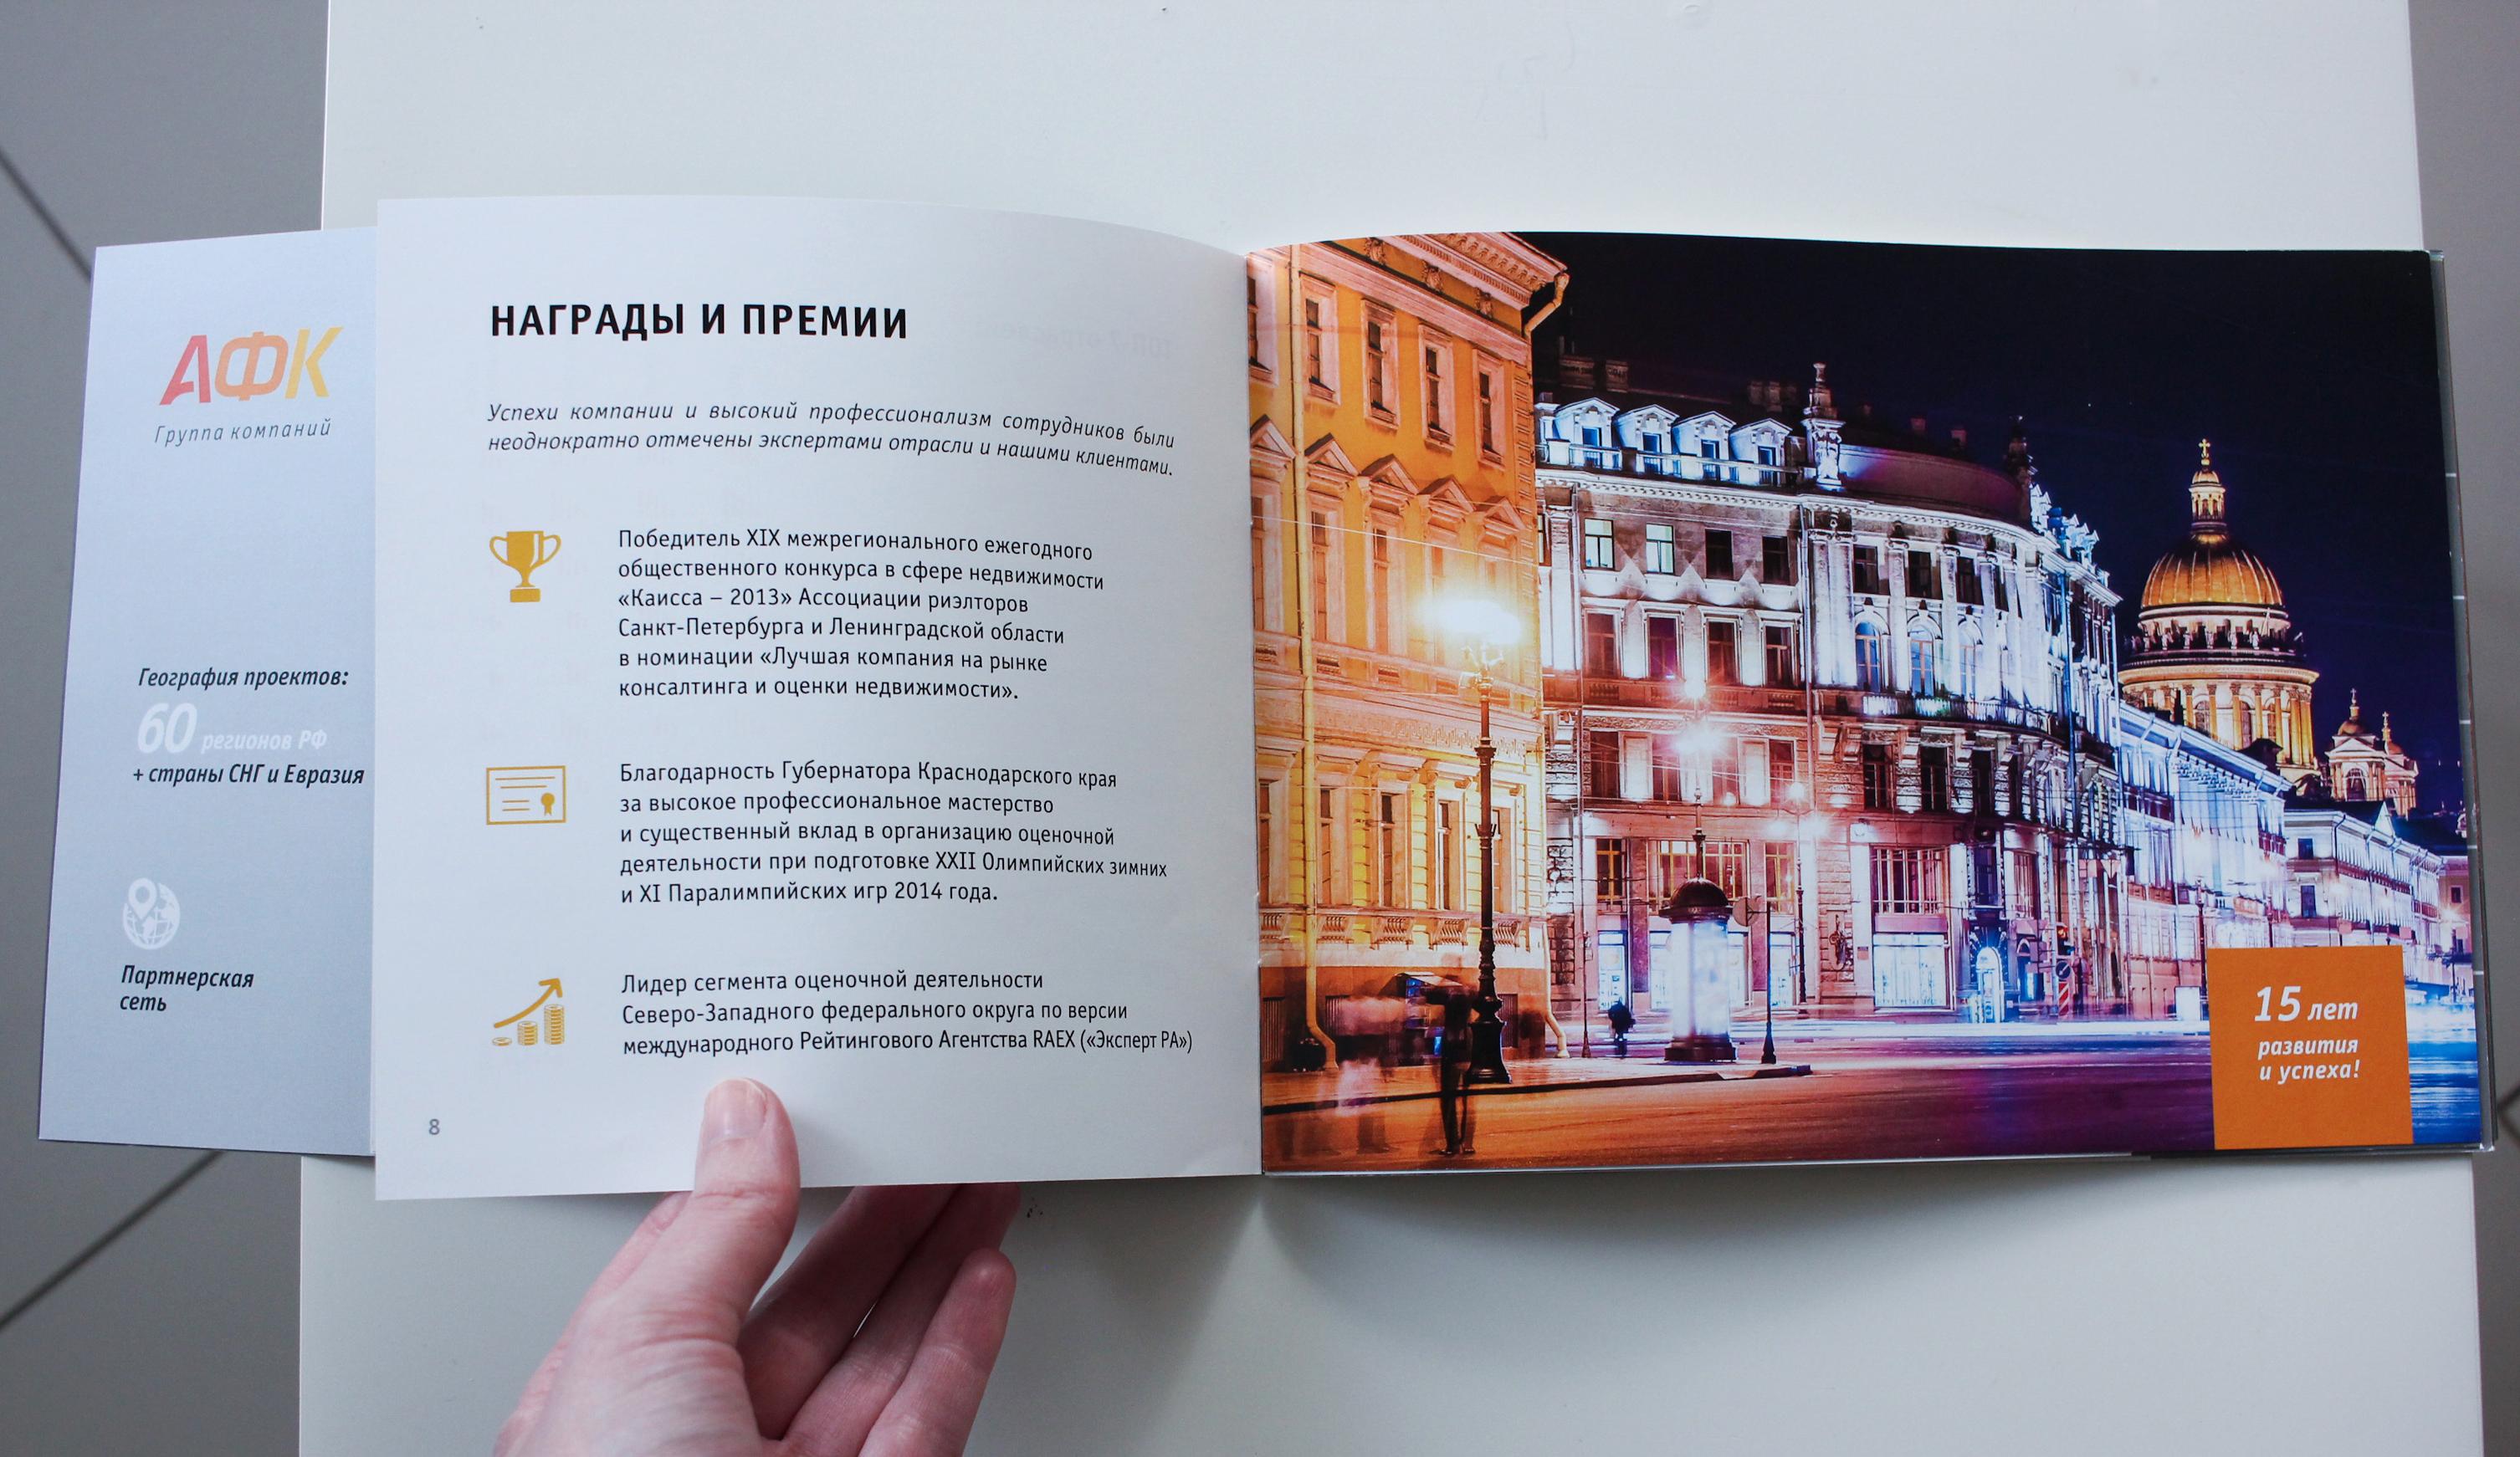 afk_booklet_8